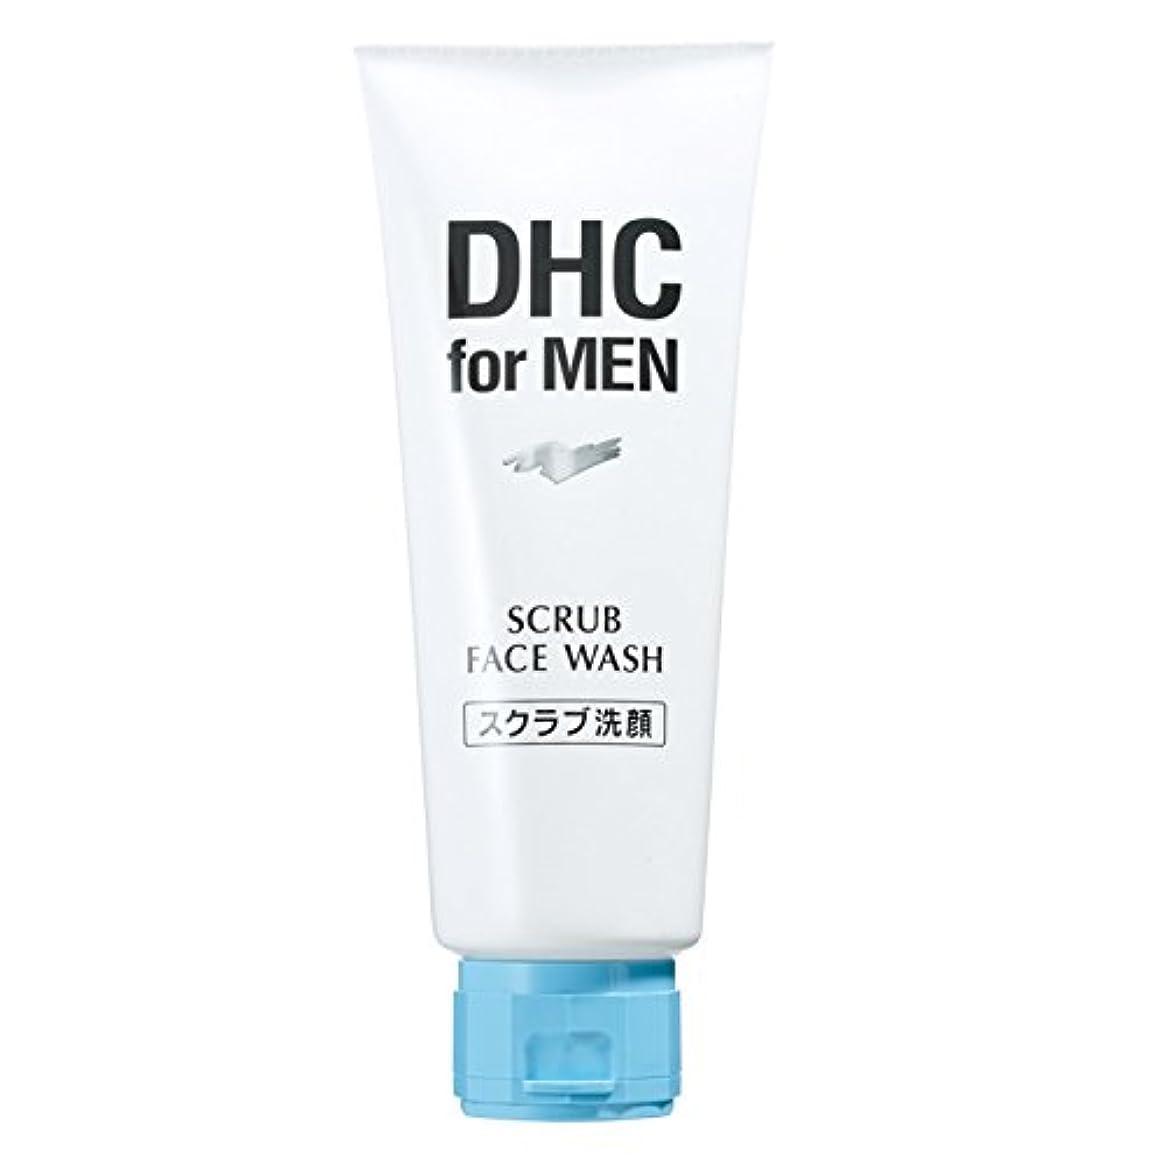 ブーストプレゼンテーション知性DHC スクラブ フェース ウォッシュ 【DHC for MEN】